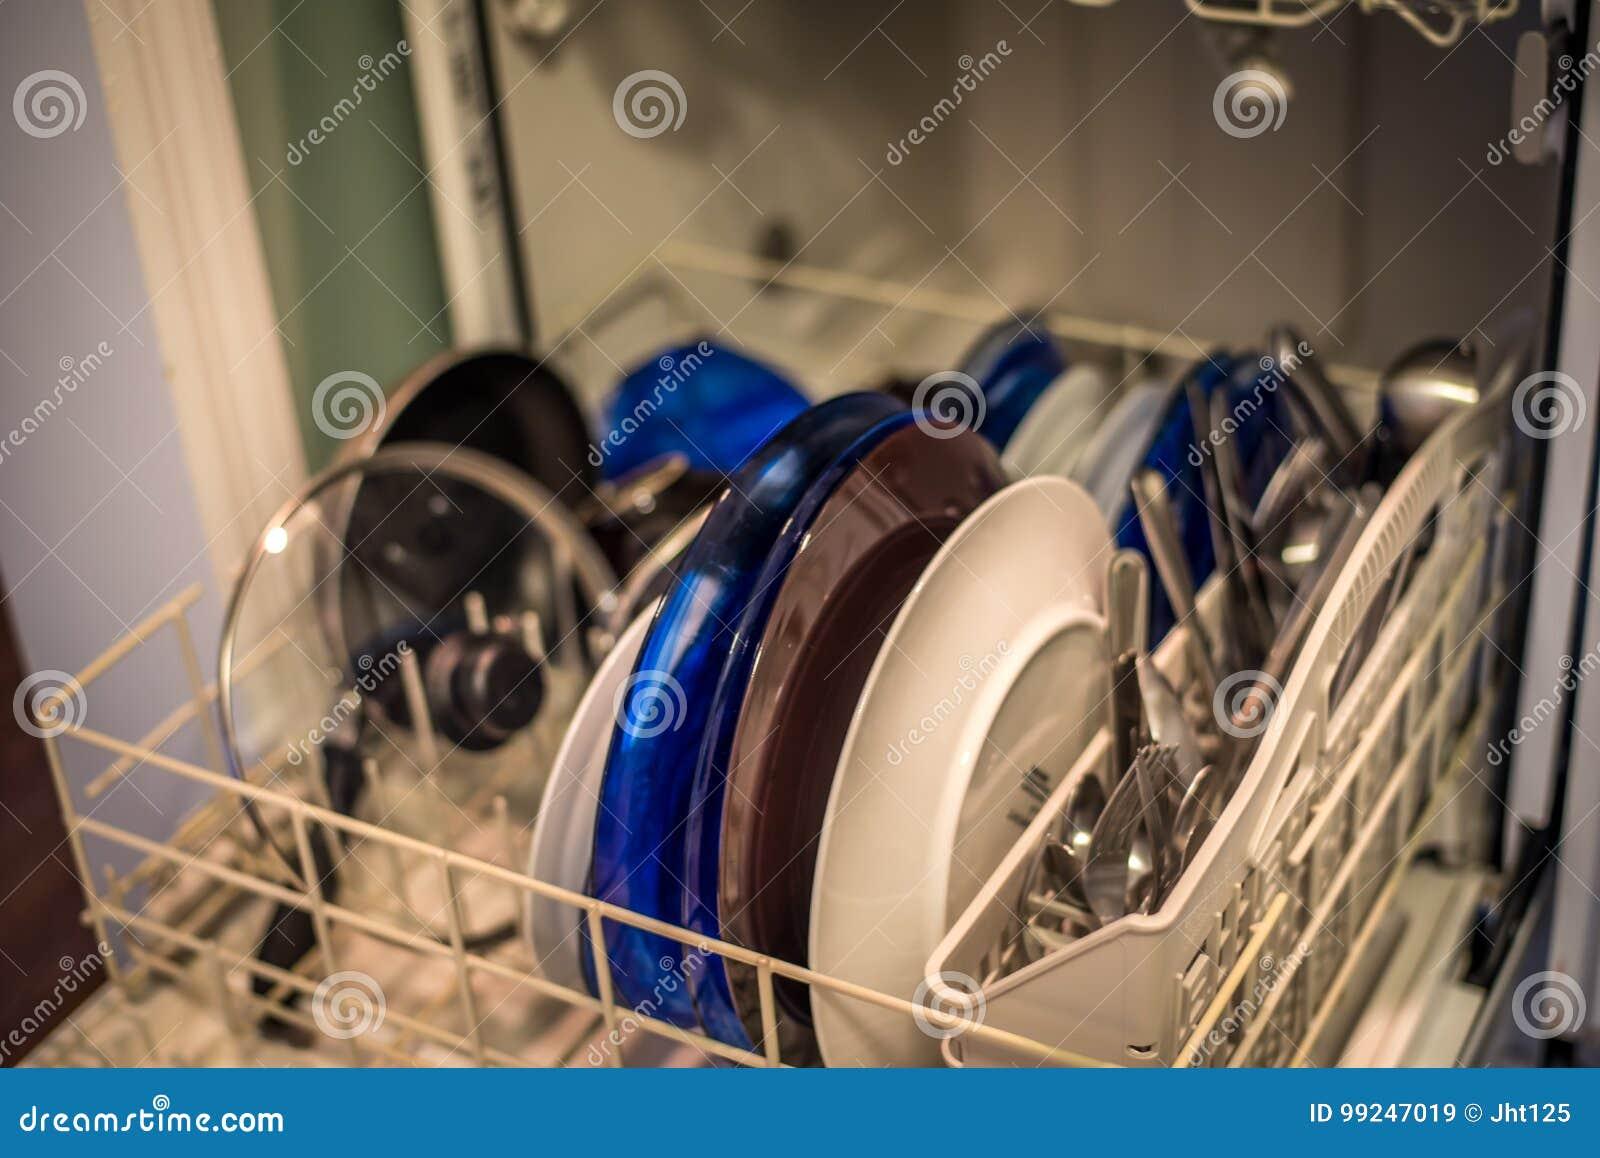 очистьте тарелки